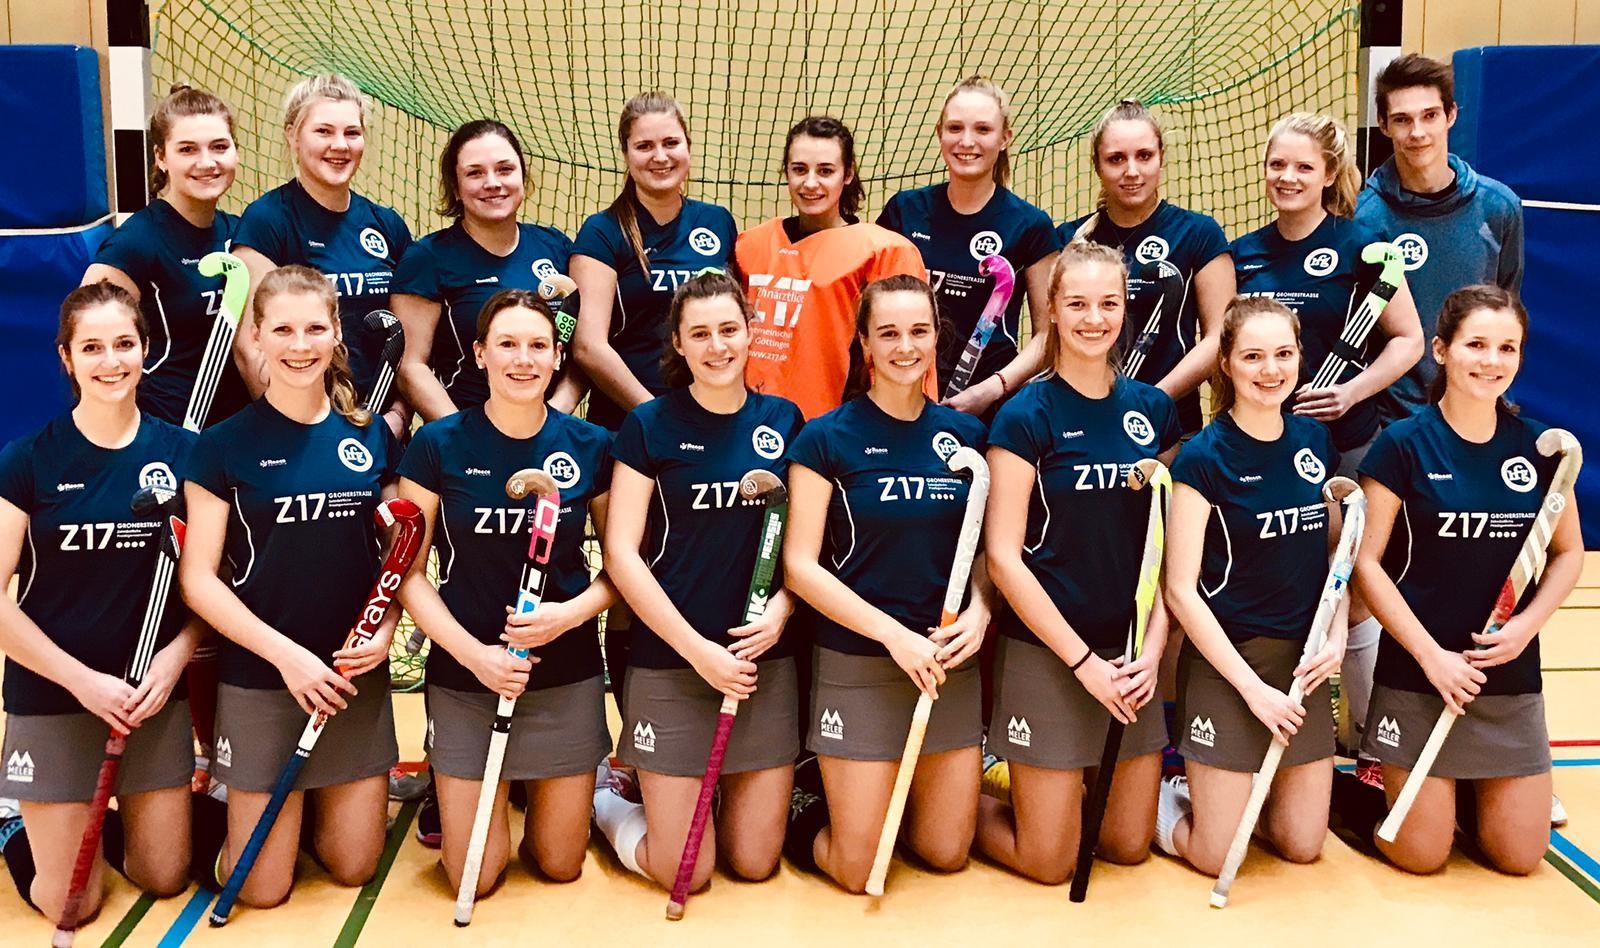 Damenmannschaft HC Göttingen